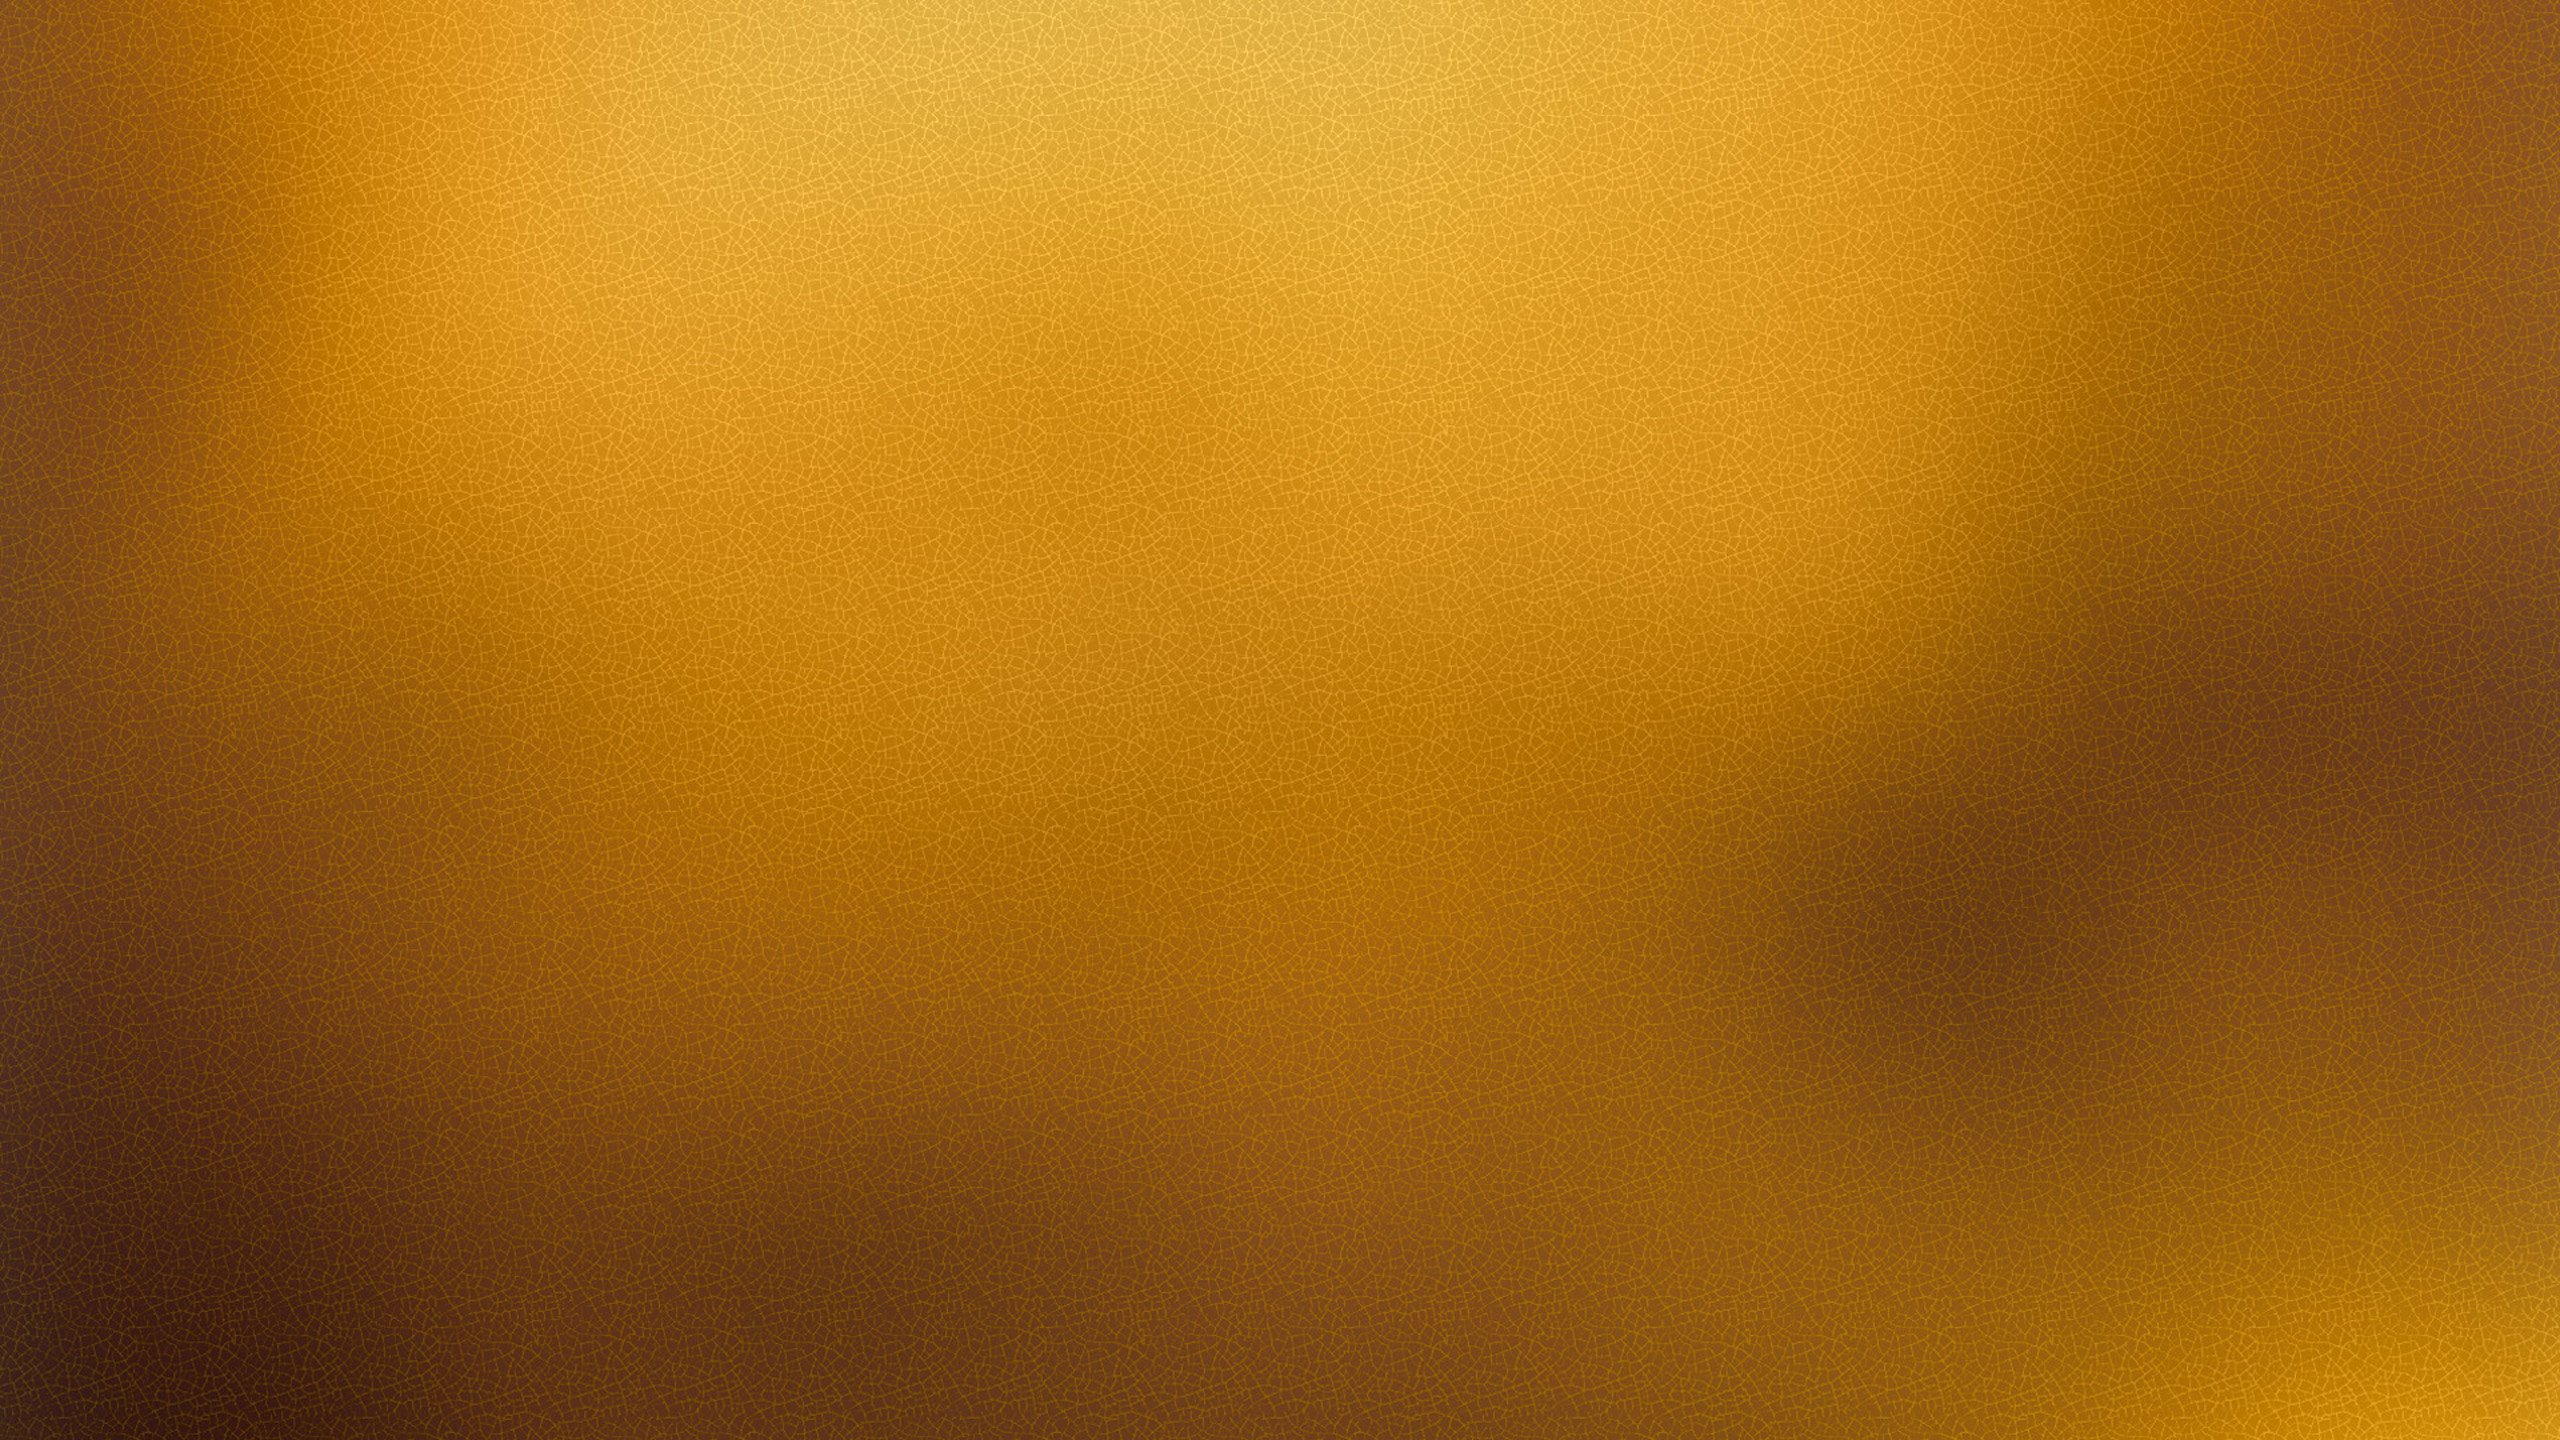 gold hex code